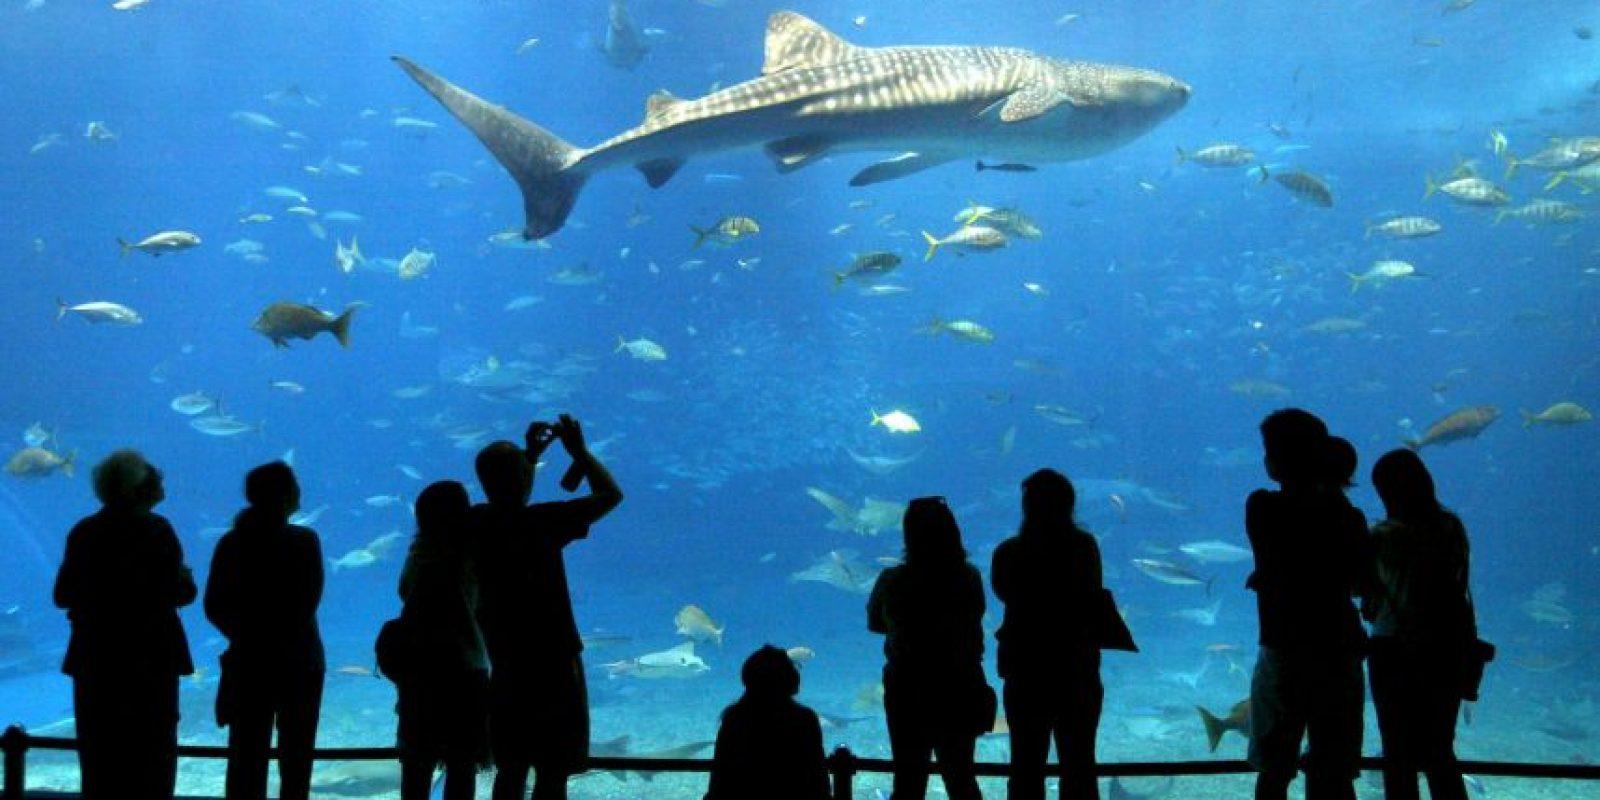 El equipo de Stanford comparó el registro de mordeduras de escualo contra datos de la actividad humana en el océano de California y calculó que, en 2013, la probabilidad de que un nadador fuera mordido por un tiburón blanco era de solo 1 en 728 millones. Foto:Getty Images